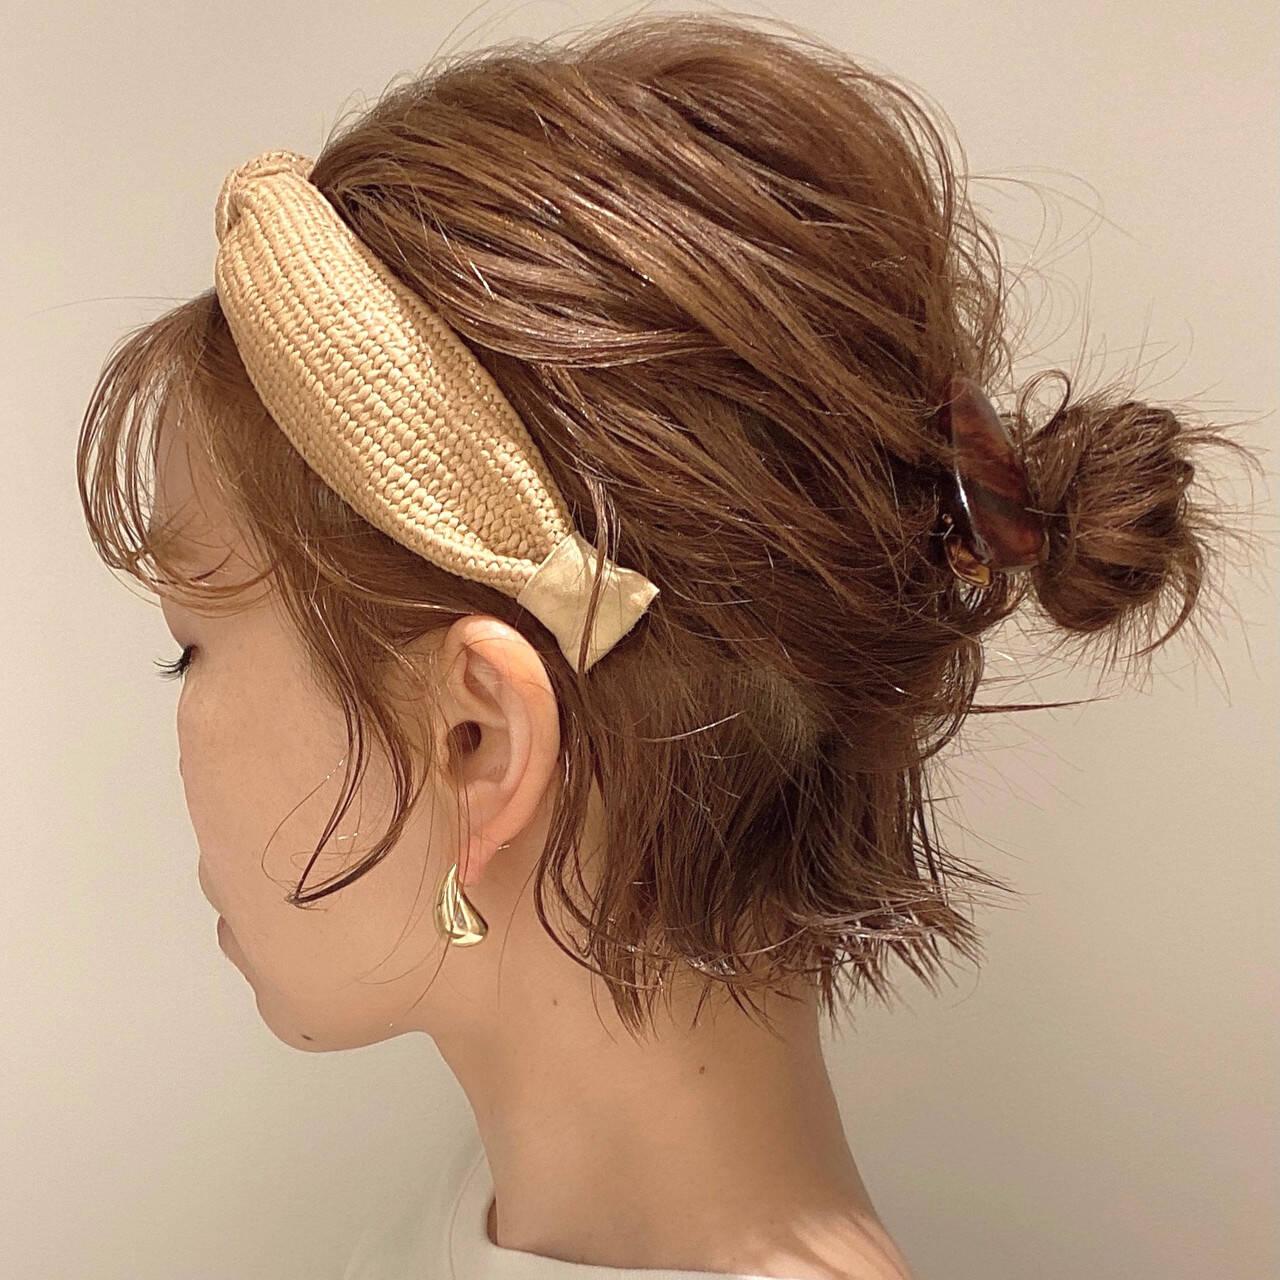 ボブ ショートボブ ナチュラル カチューシャヘアスタイルや髪型の写真・画像